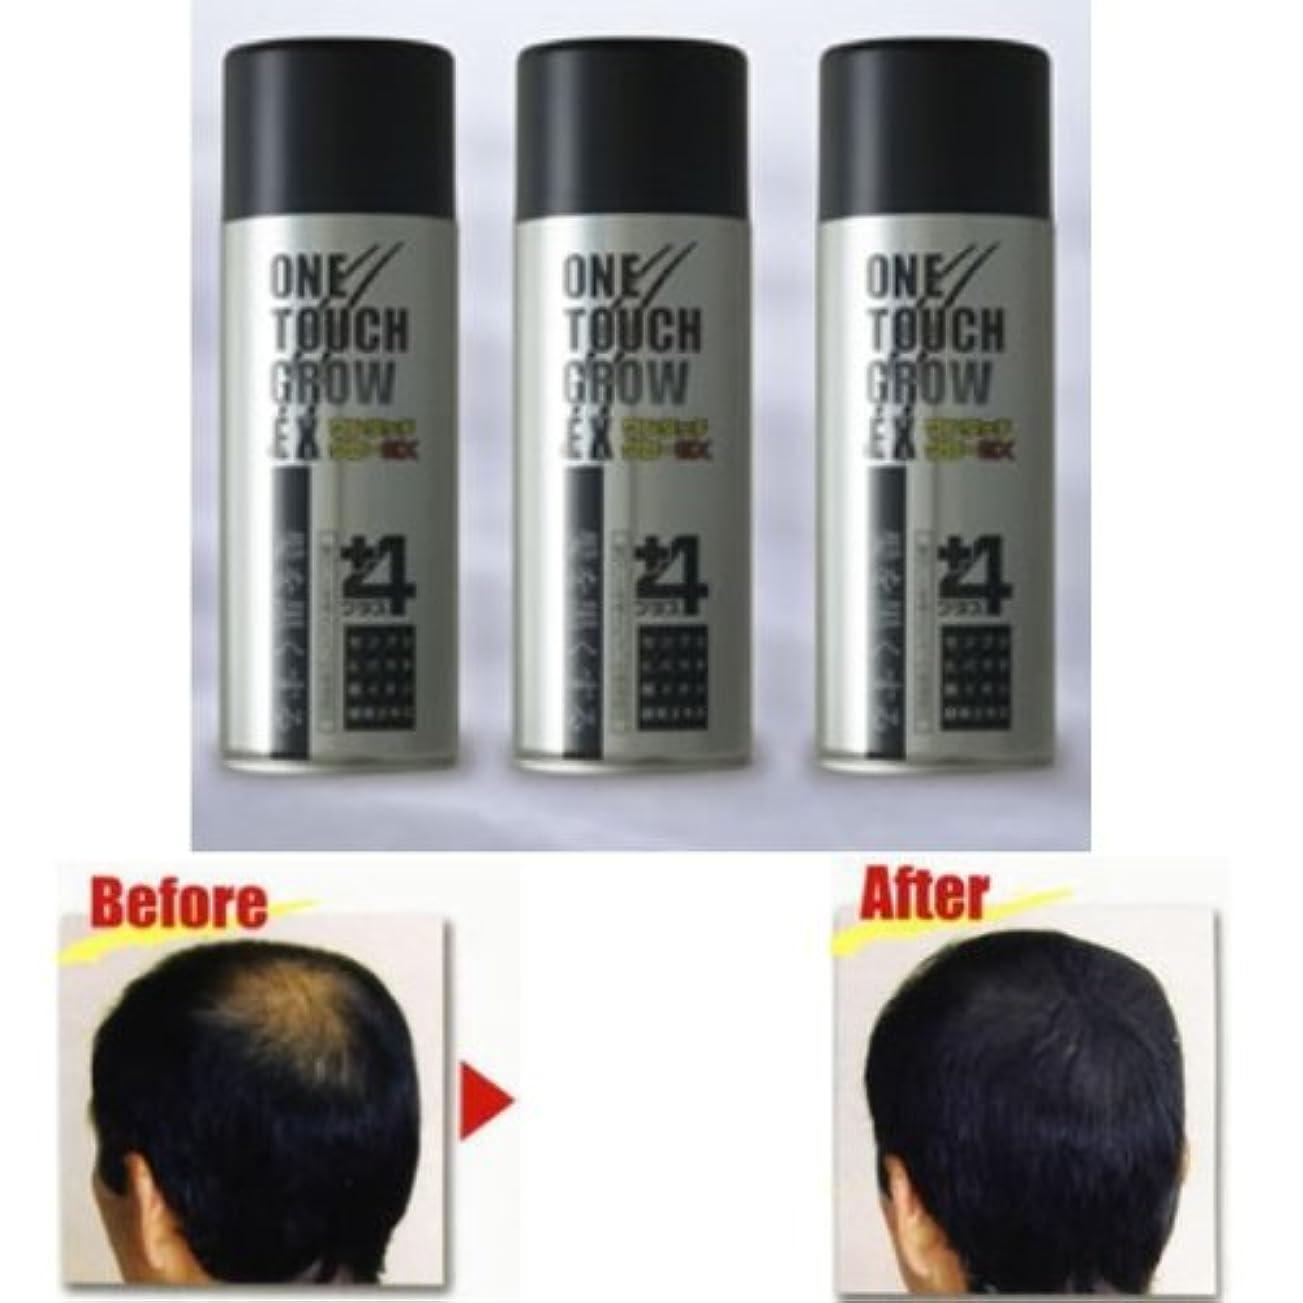 ビヨン砂漠腐食する3本セット髪を黒くする瞬間増毛スプレ-ワンタッチグローEX